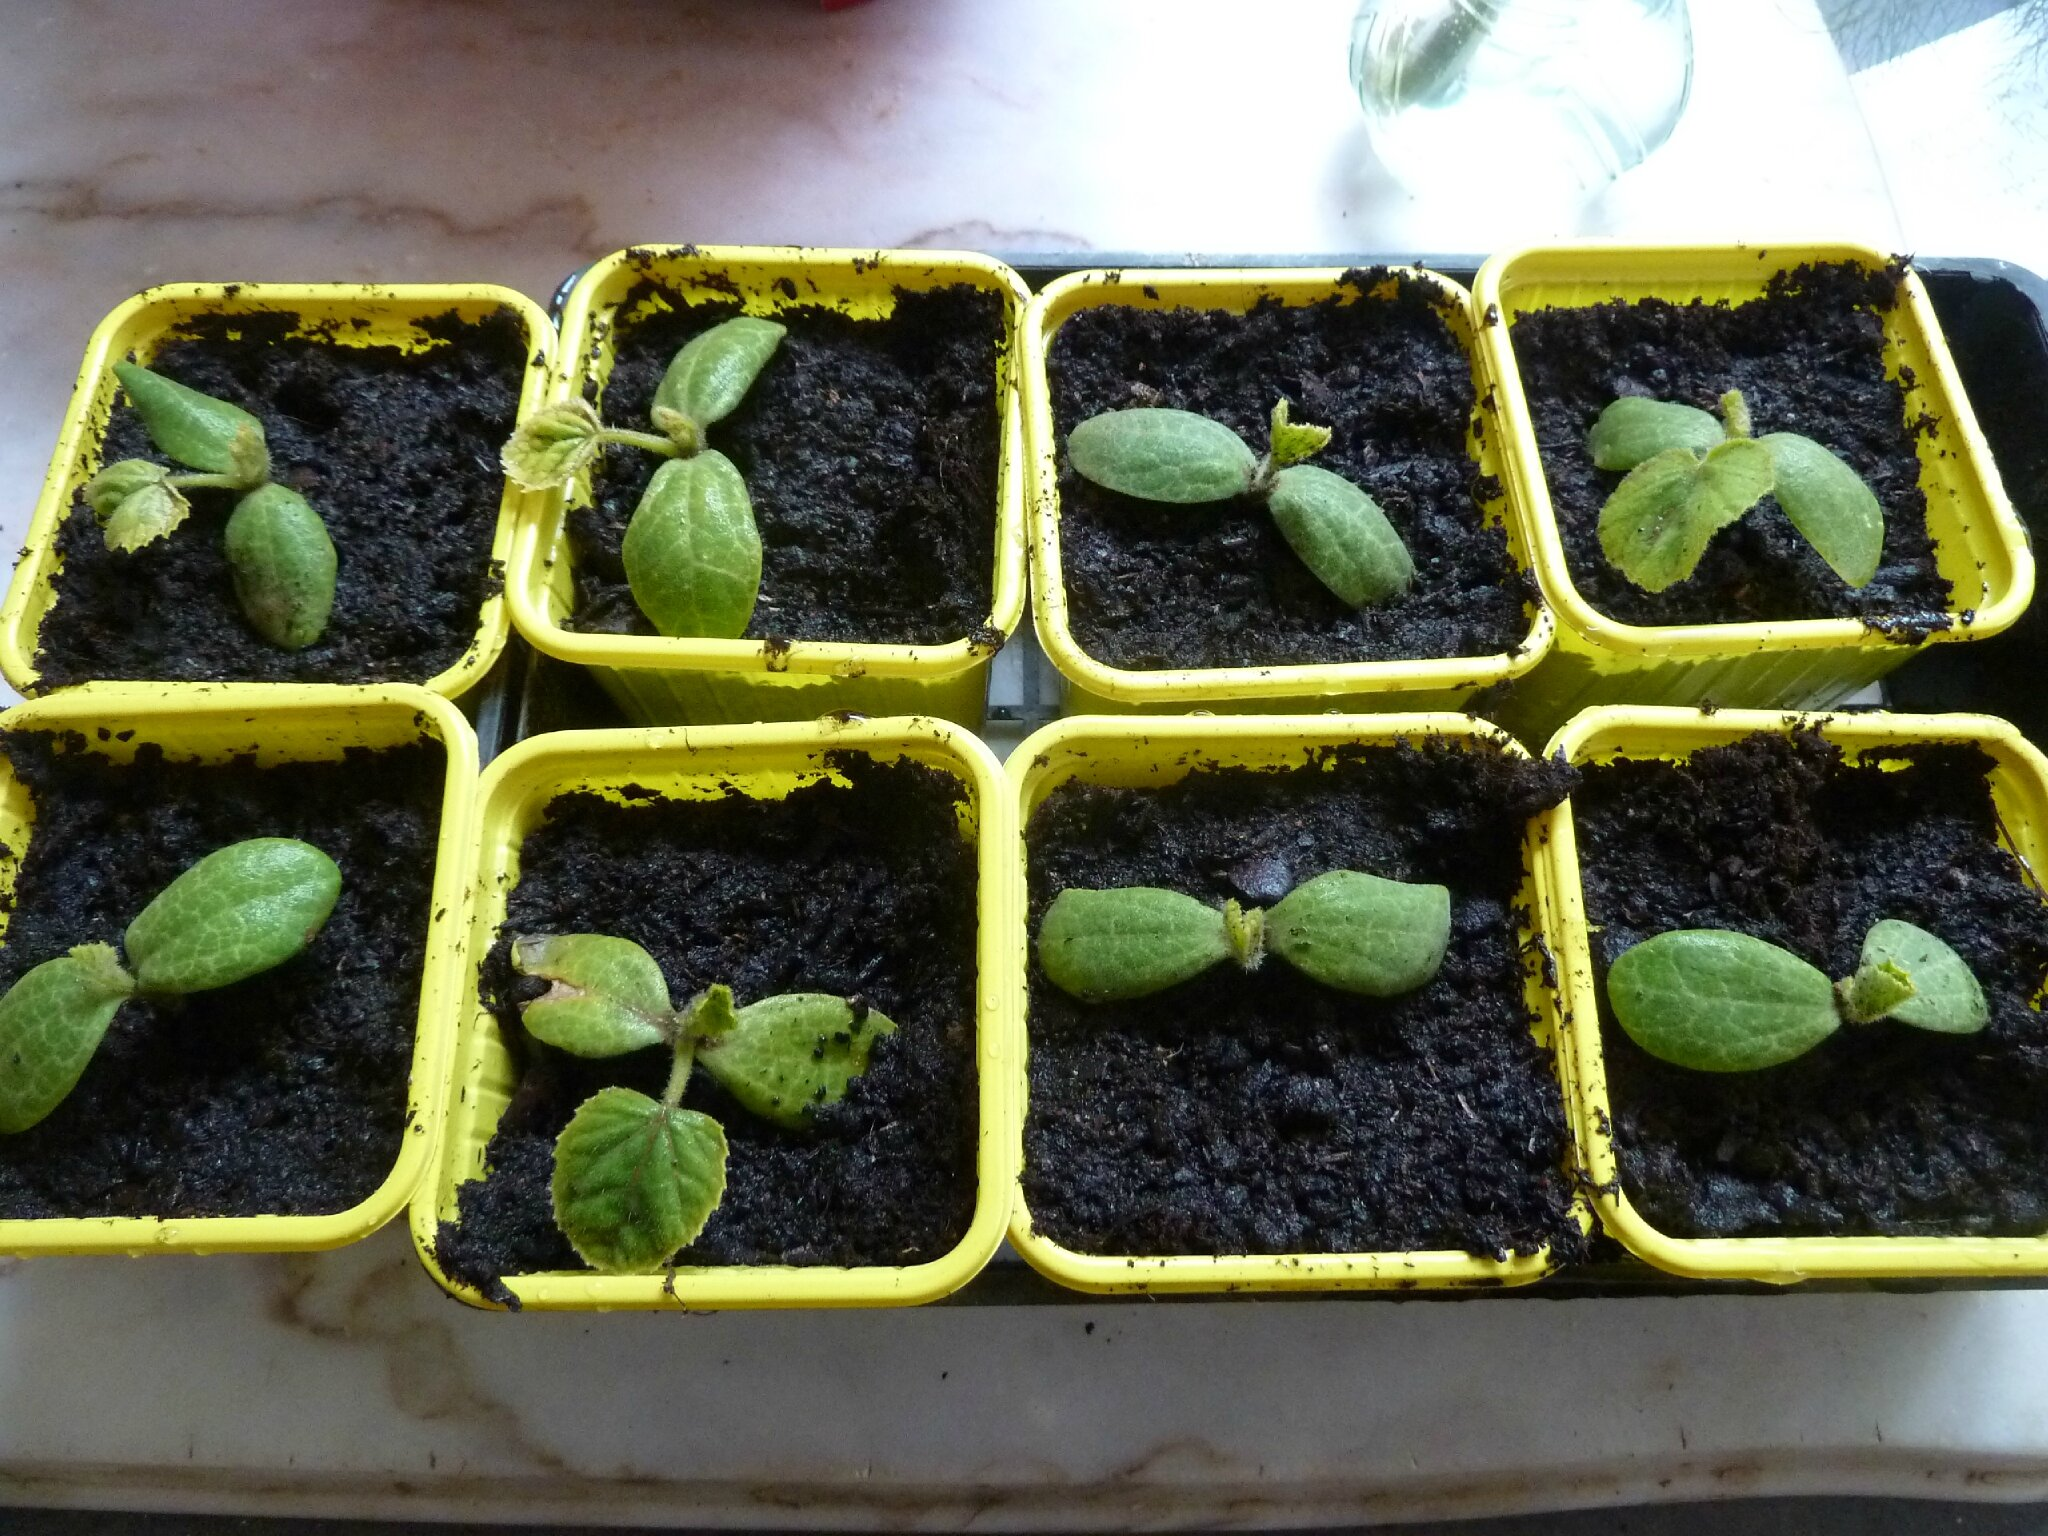 Juin l 39 t n 39 est pas loin passion potager - Quand planter les courgettes ...